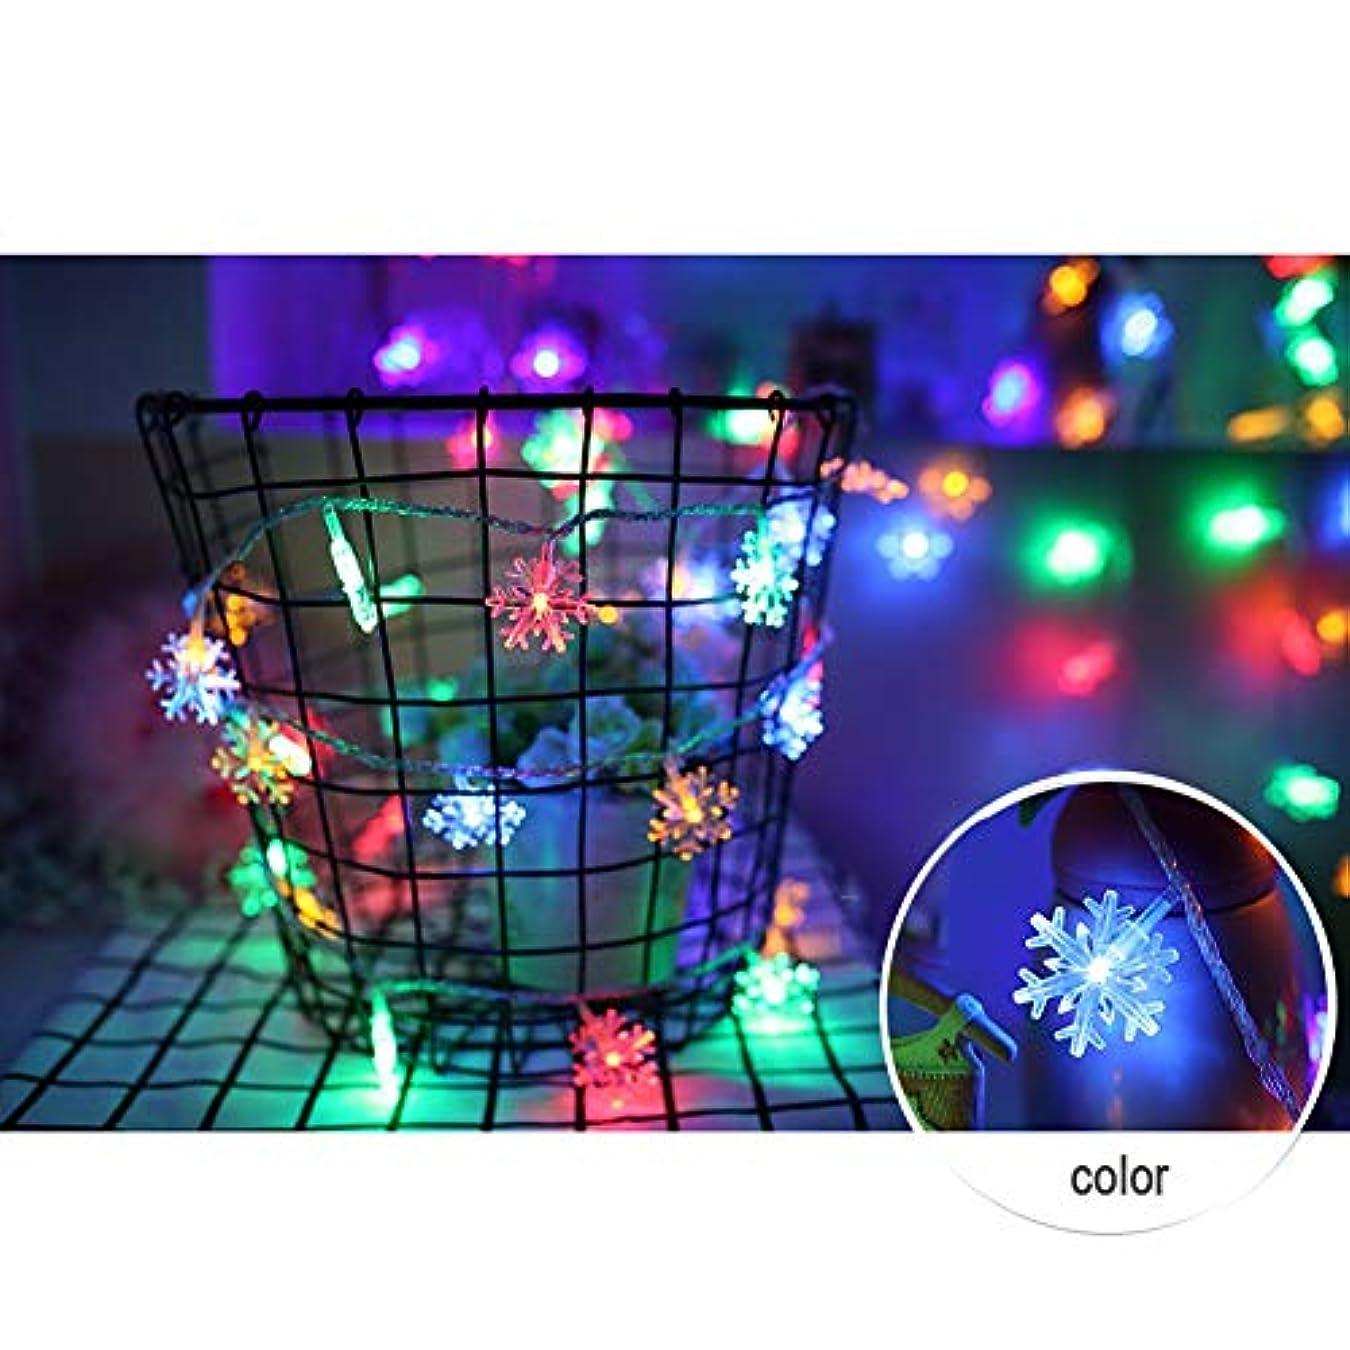 新聞ポンド散逸電池式 ストリングライト - 防雨型 スノーフレークLEDイルミネ ーションライト ロマンチックな雰囲気を作る屋外用 ワイヤーライト イルミネーションライト、庭、パティオ、バルコニ、ークリスマス